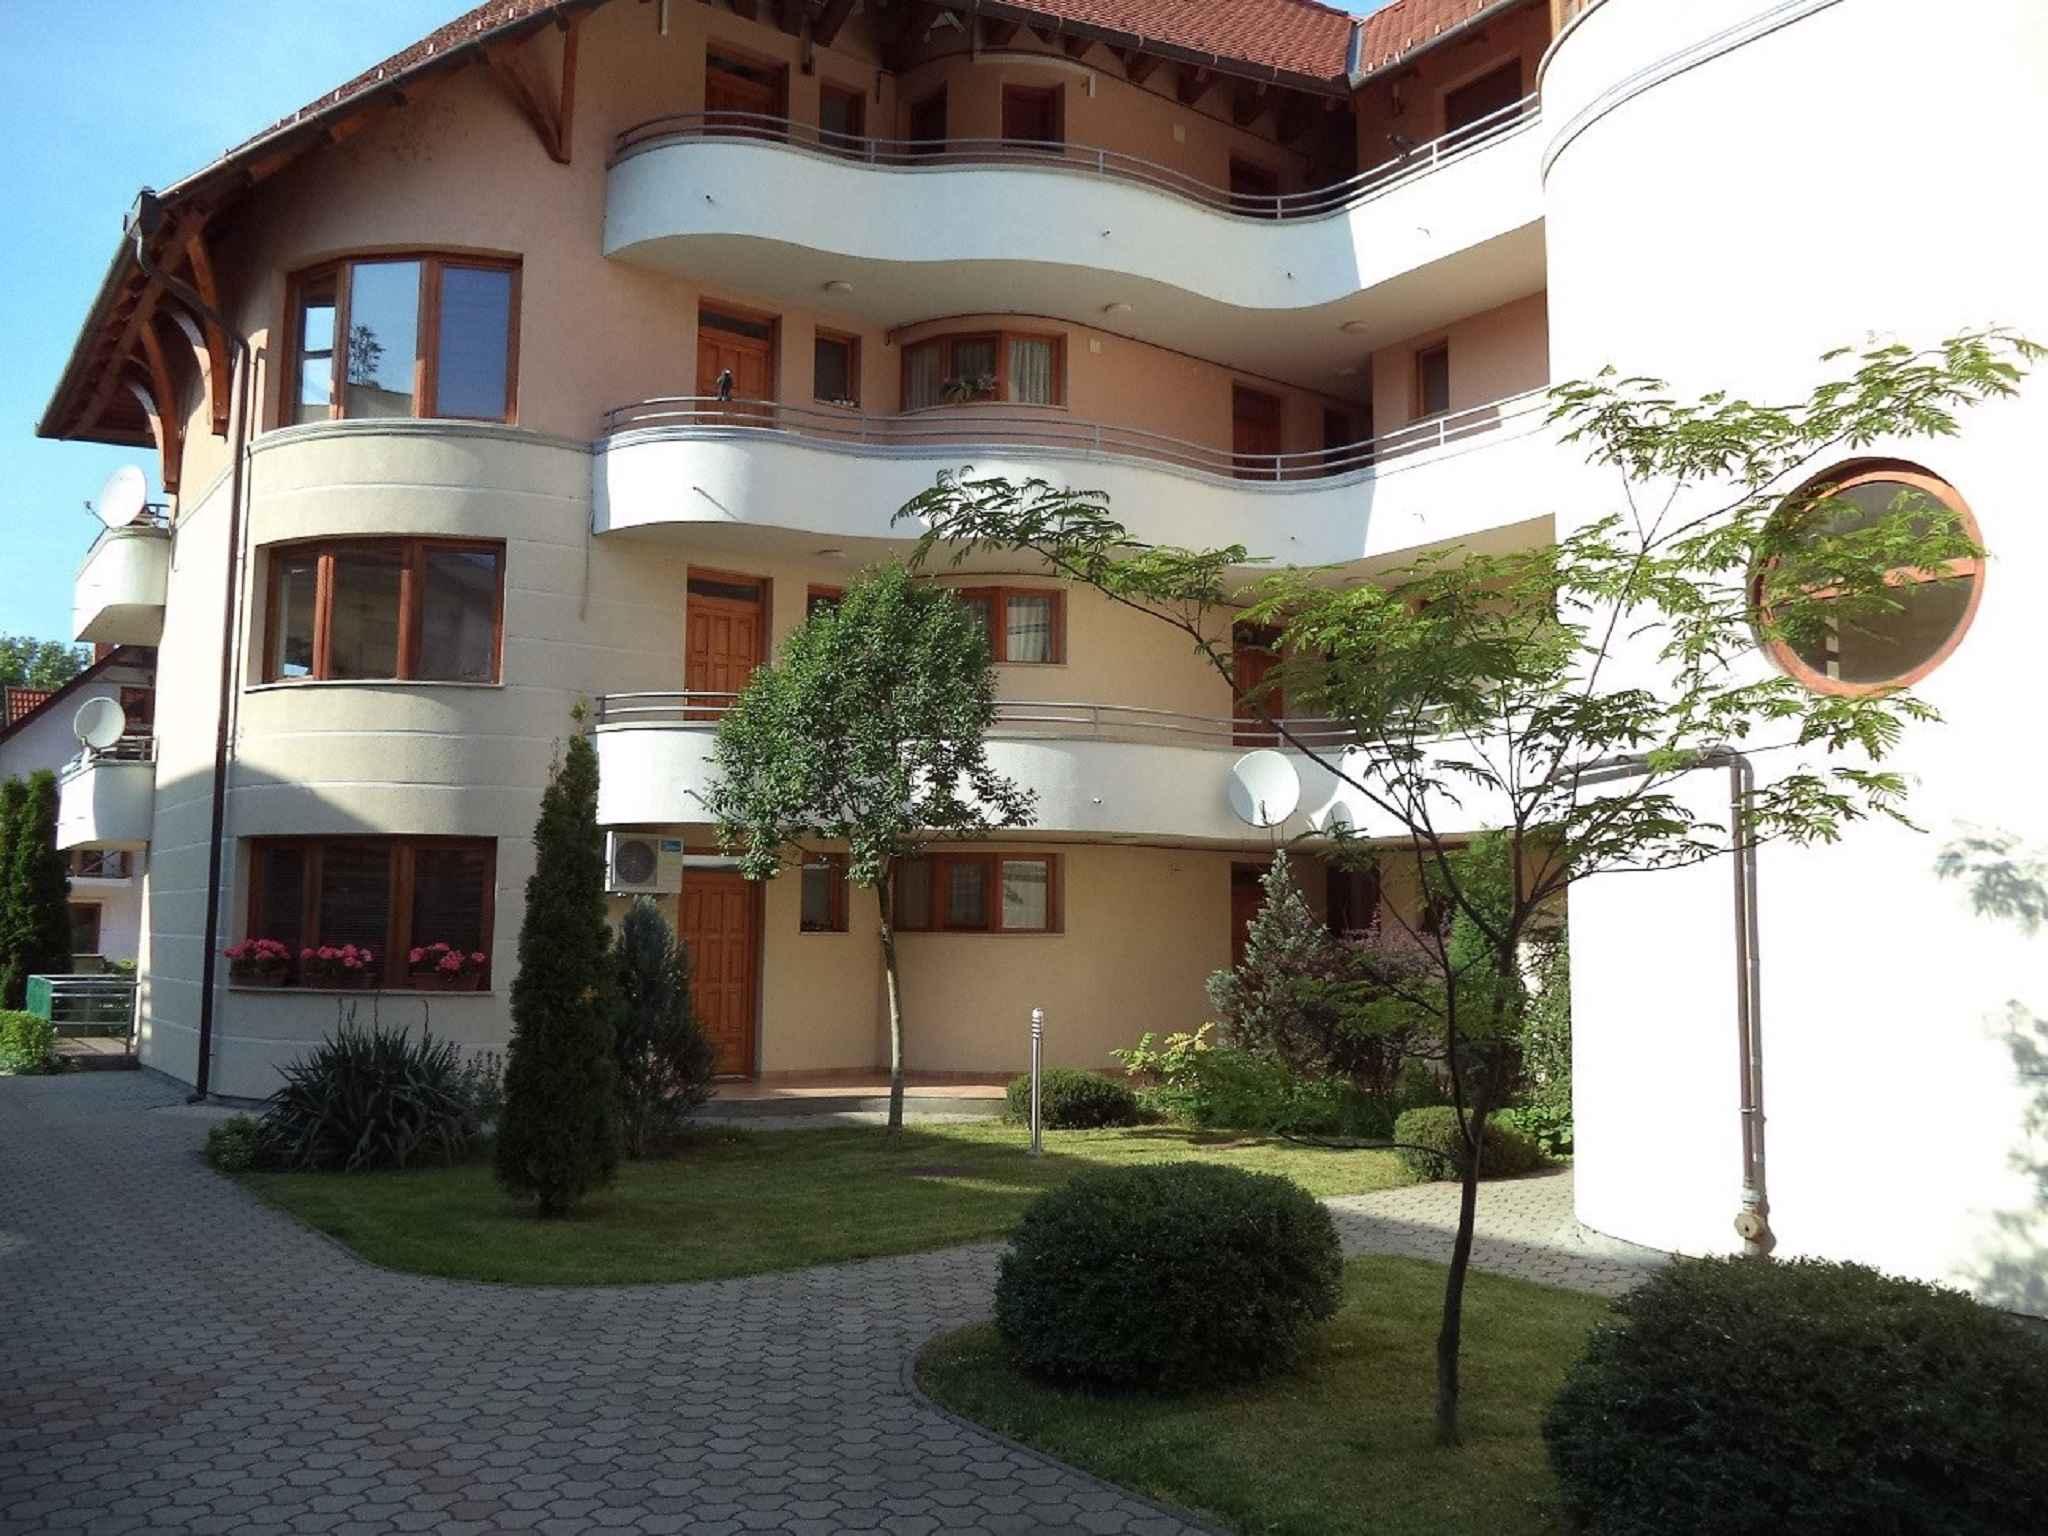 Ferienzimmer heimliches Apartment am Strand  in Ungarn